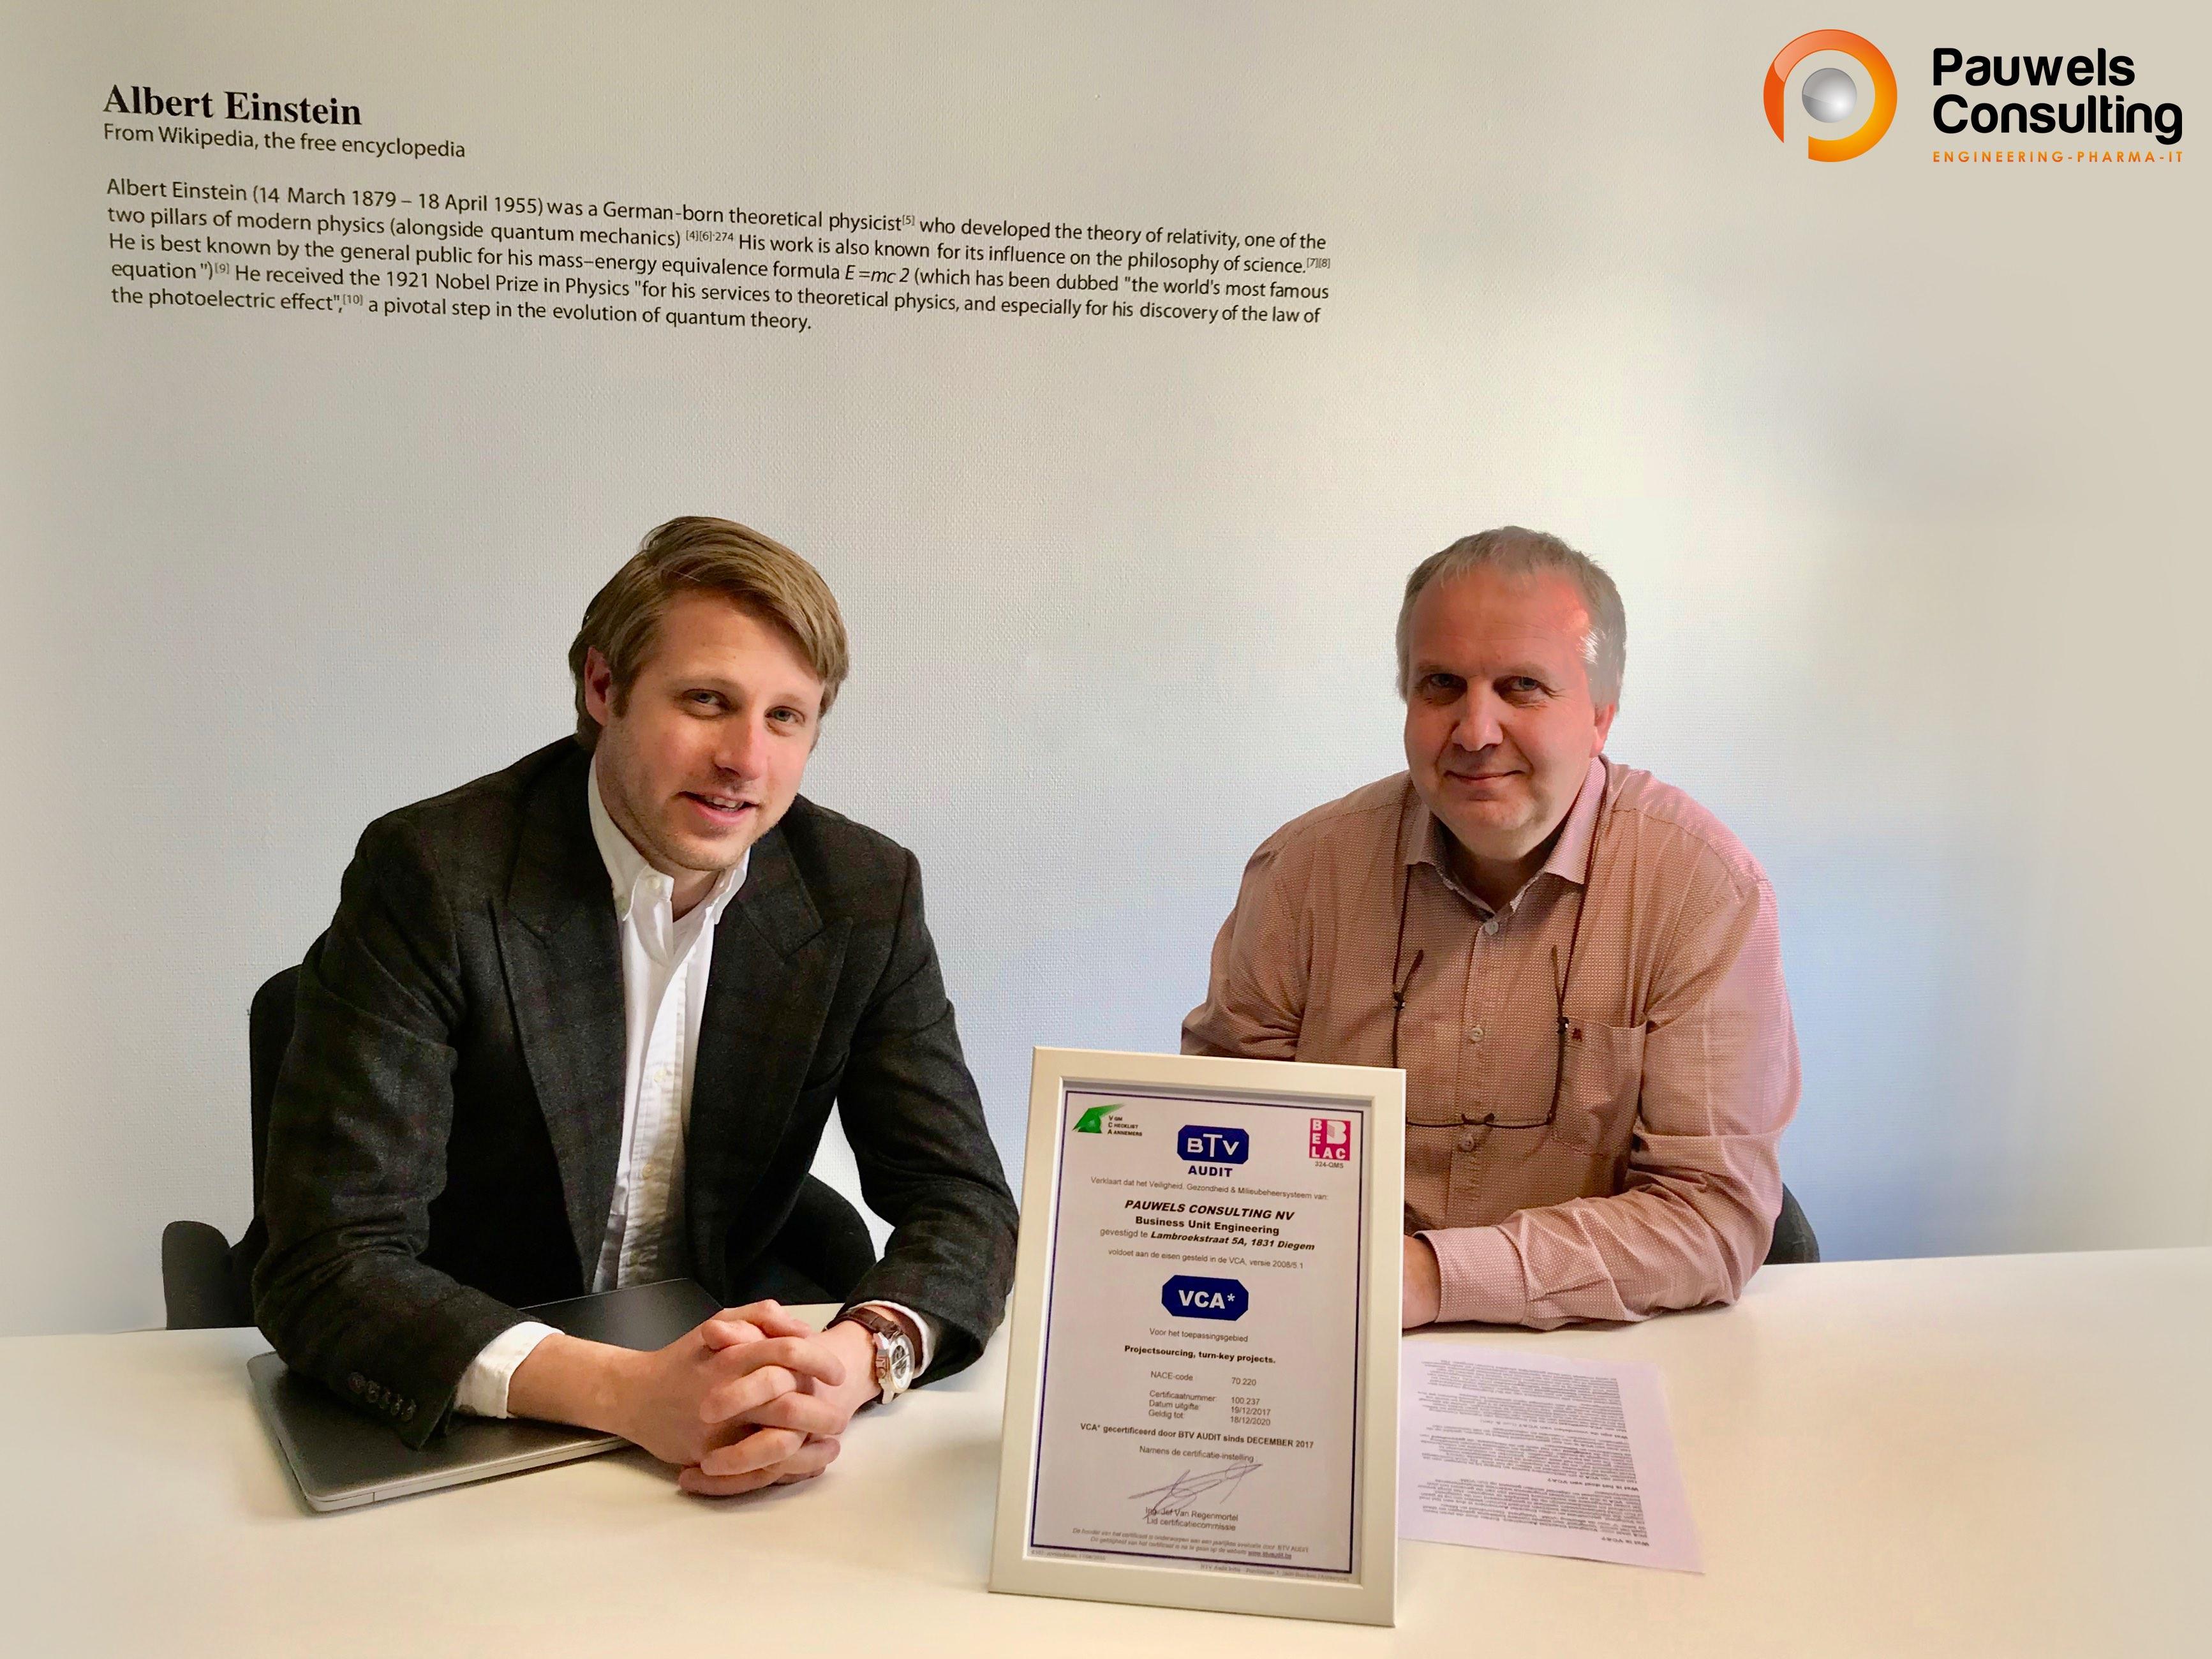 Pauwels Consulting obtient la certification LSC pour l'unité commerciale d'ingénierie